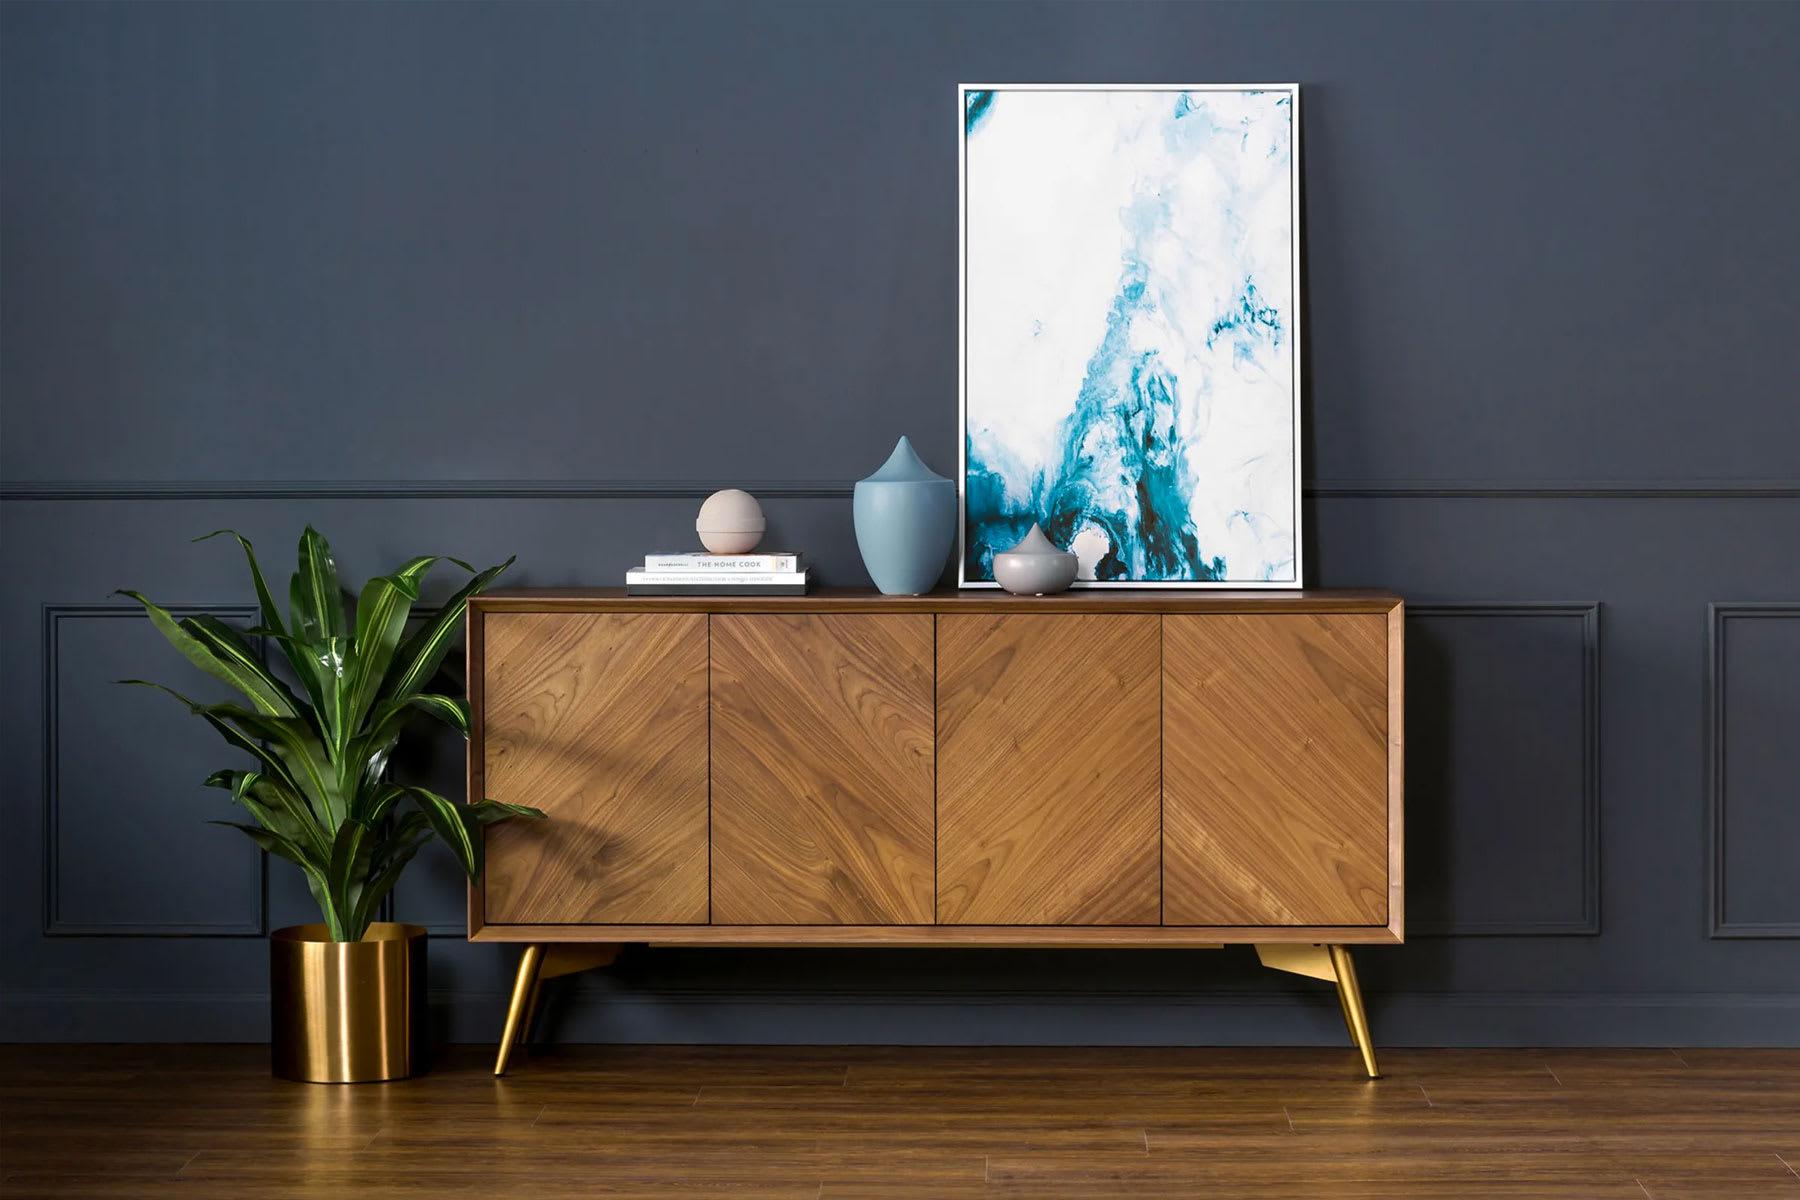 mid-century modern sideboard in modern living room